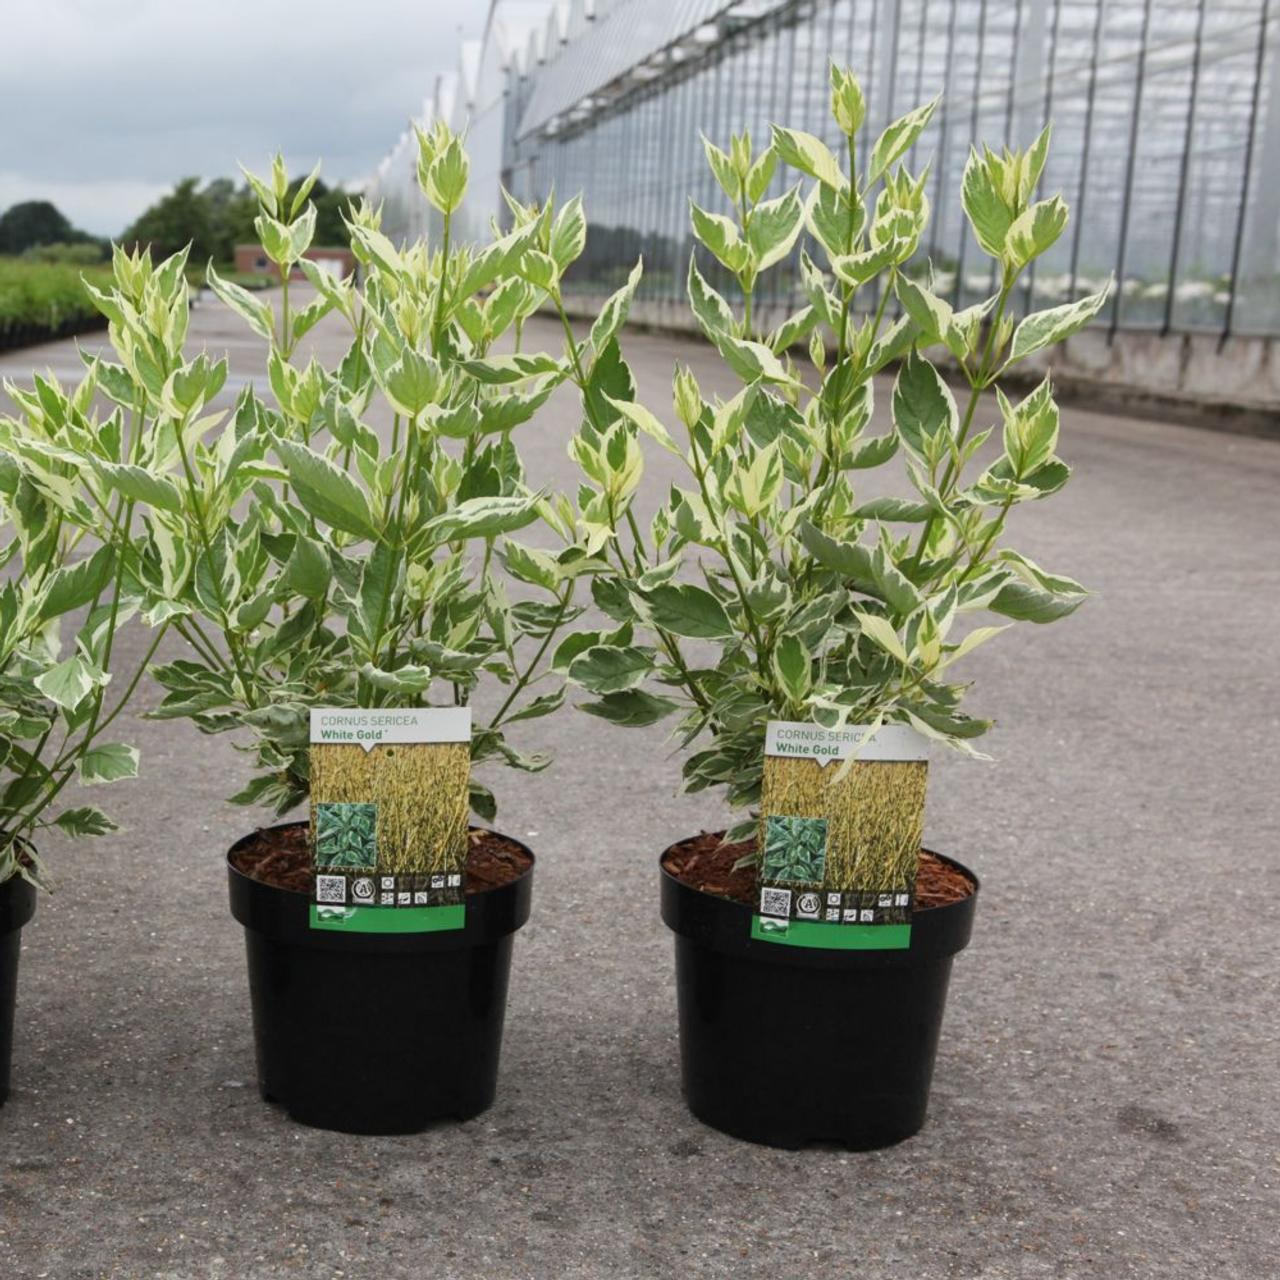 Cornus sericea 'White Gold' plant